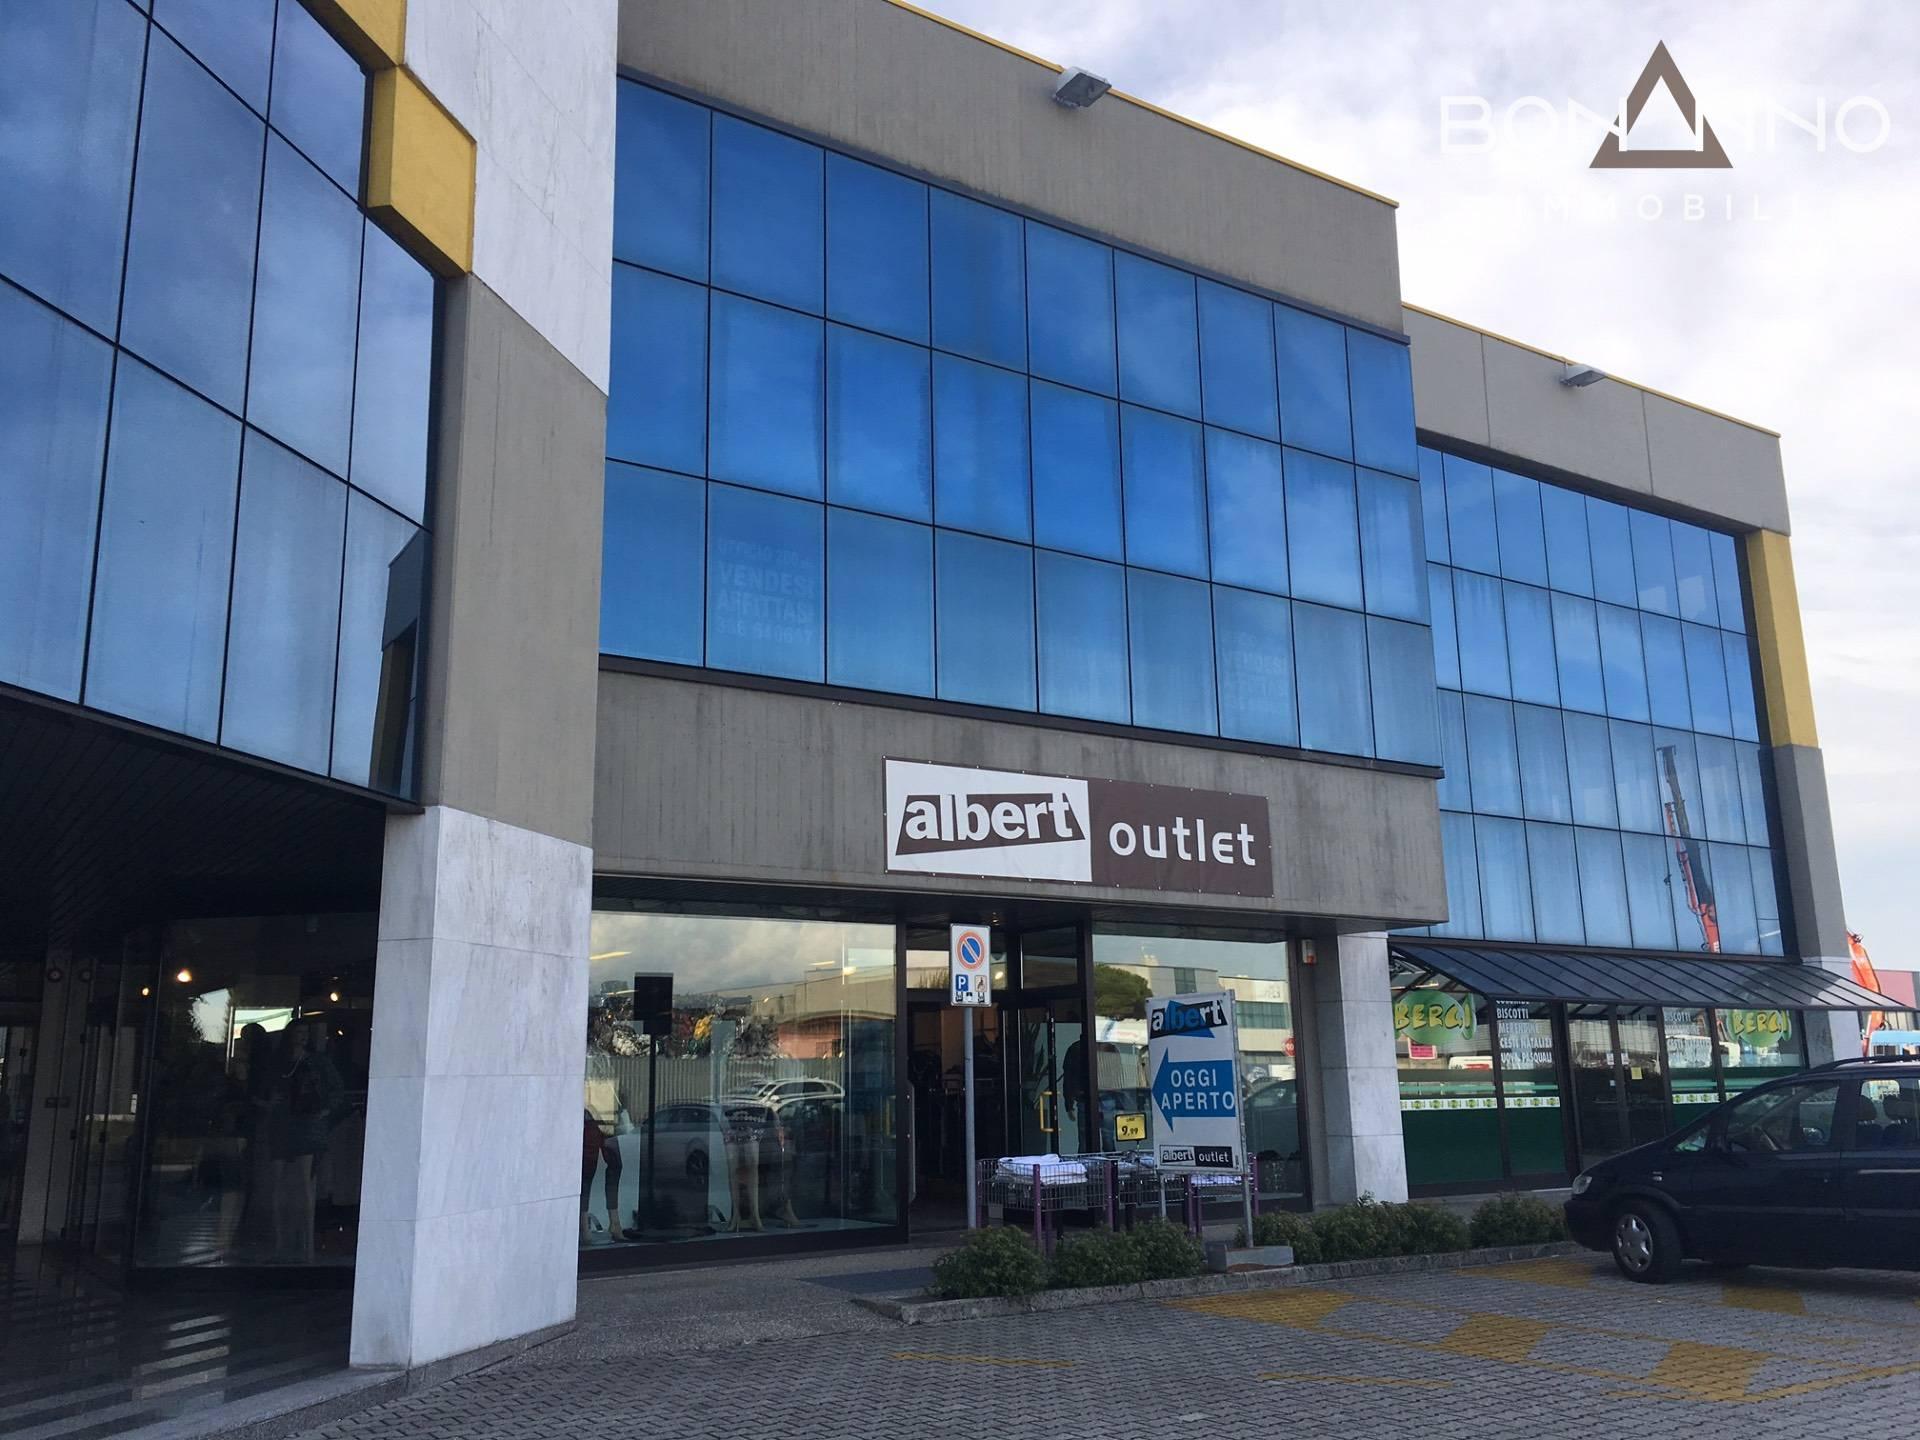 Ufficio / Studio in vendita a Vedelago, 9999 locali, prezzo € 150.000 | CambioCasa.it